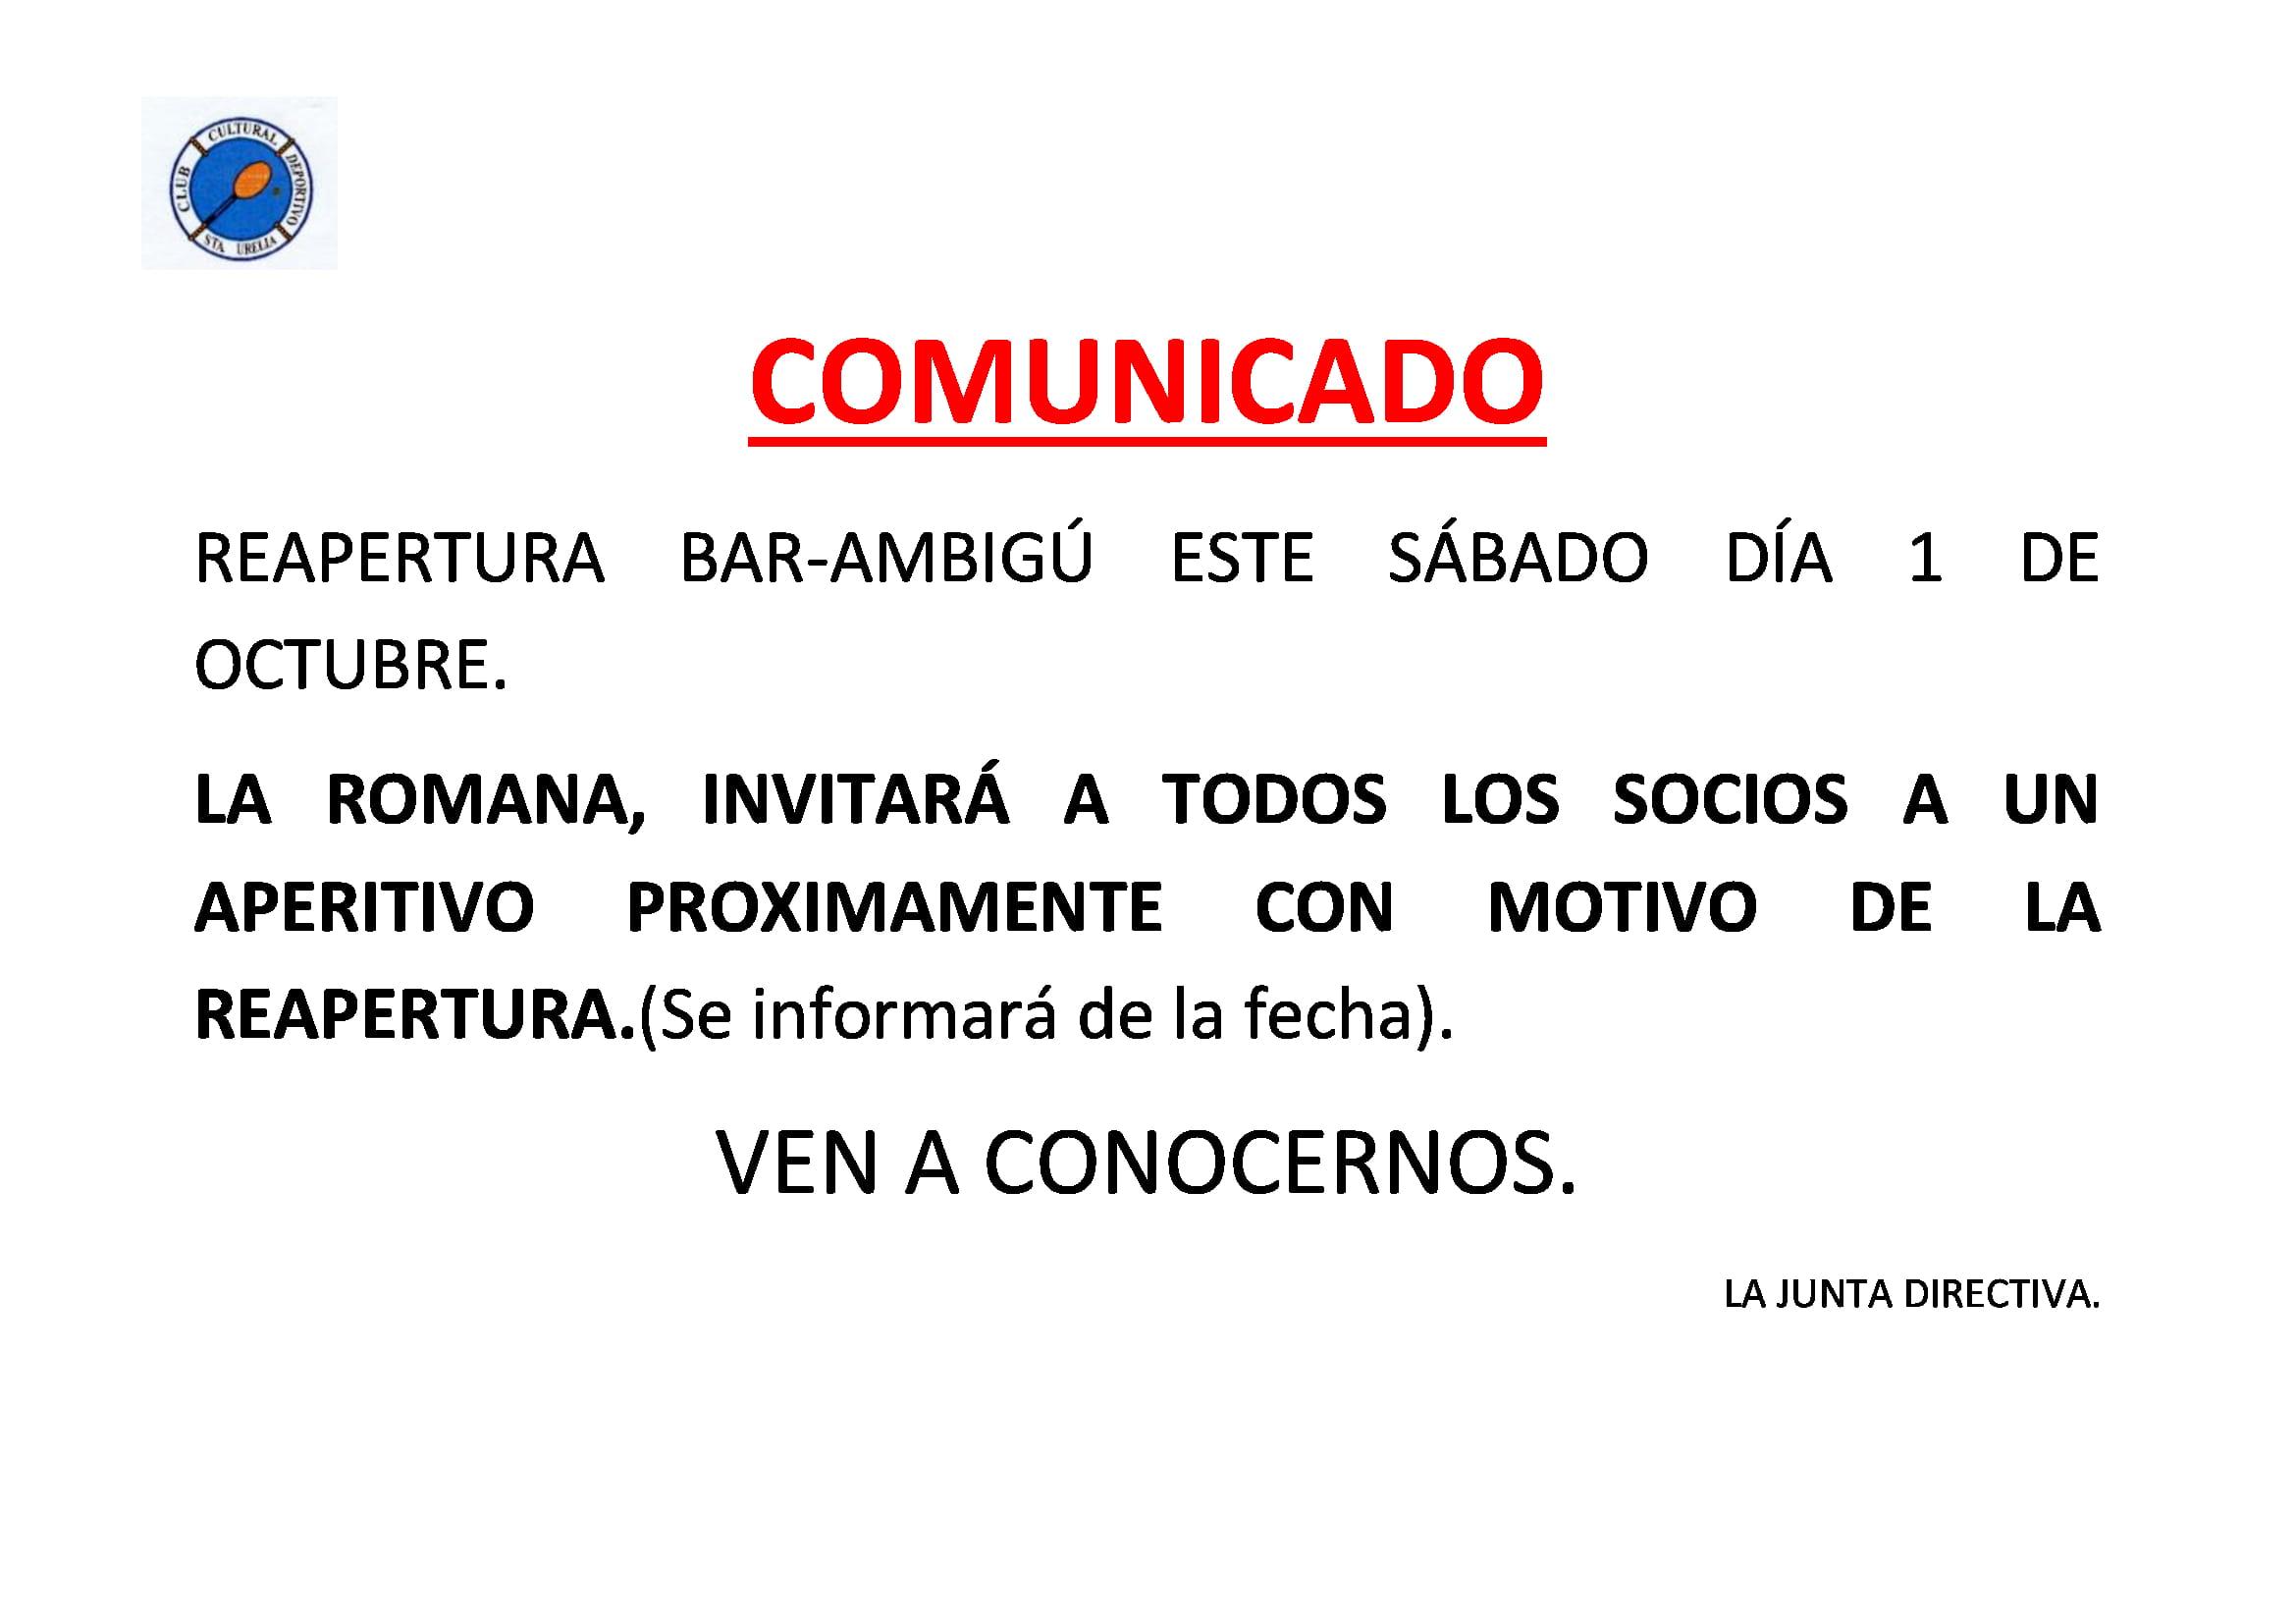 COMUNICADO APERTURA BAR DIA1 DE OCTUBRE